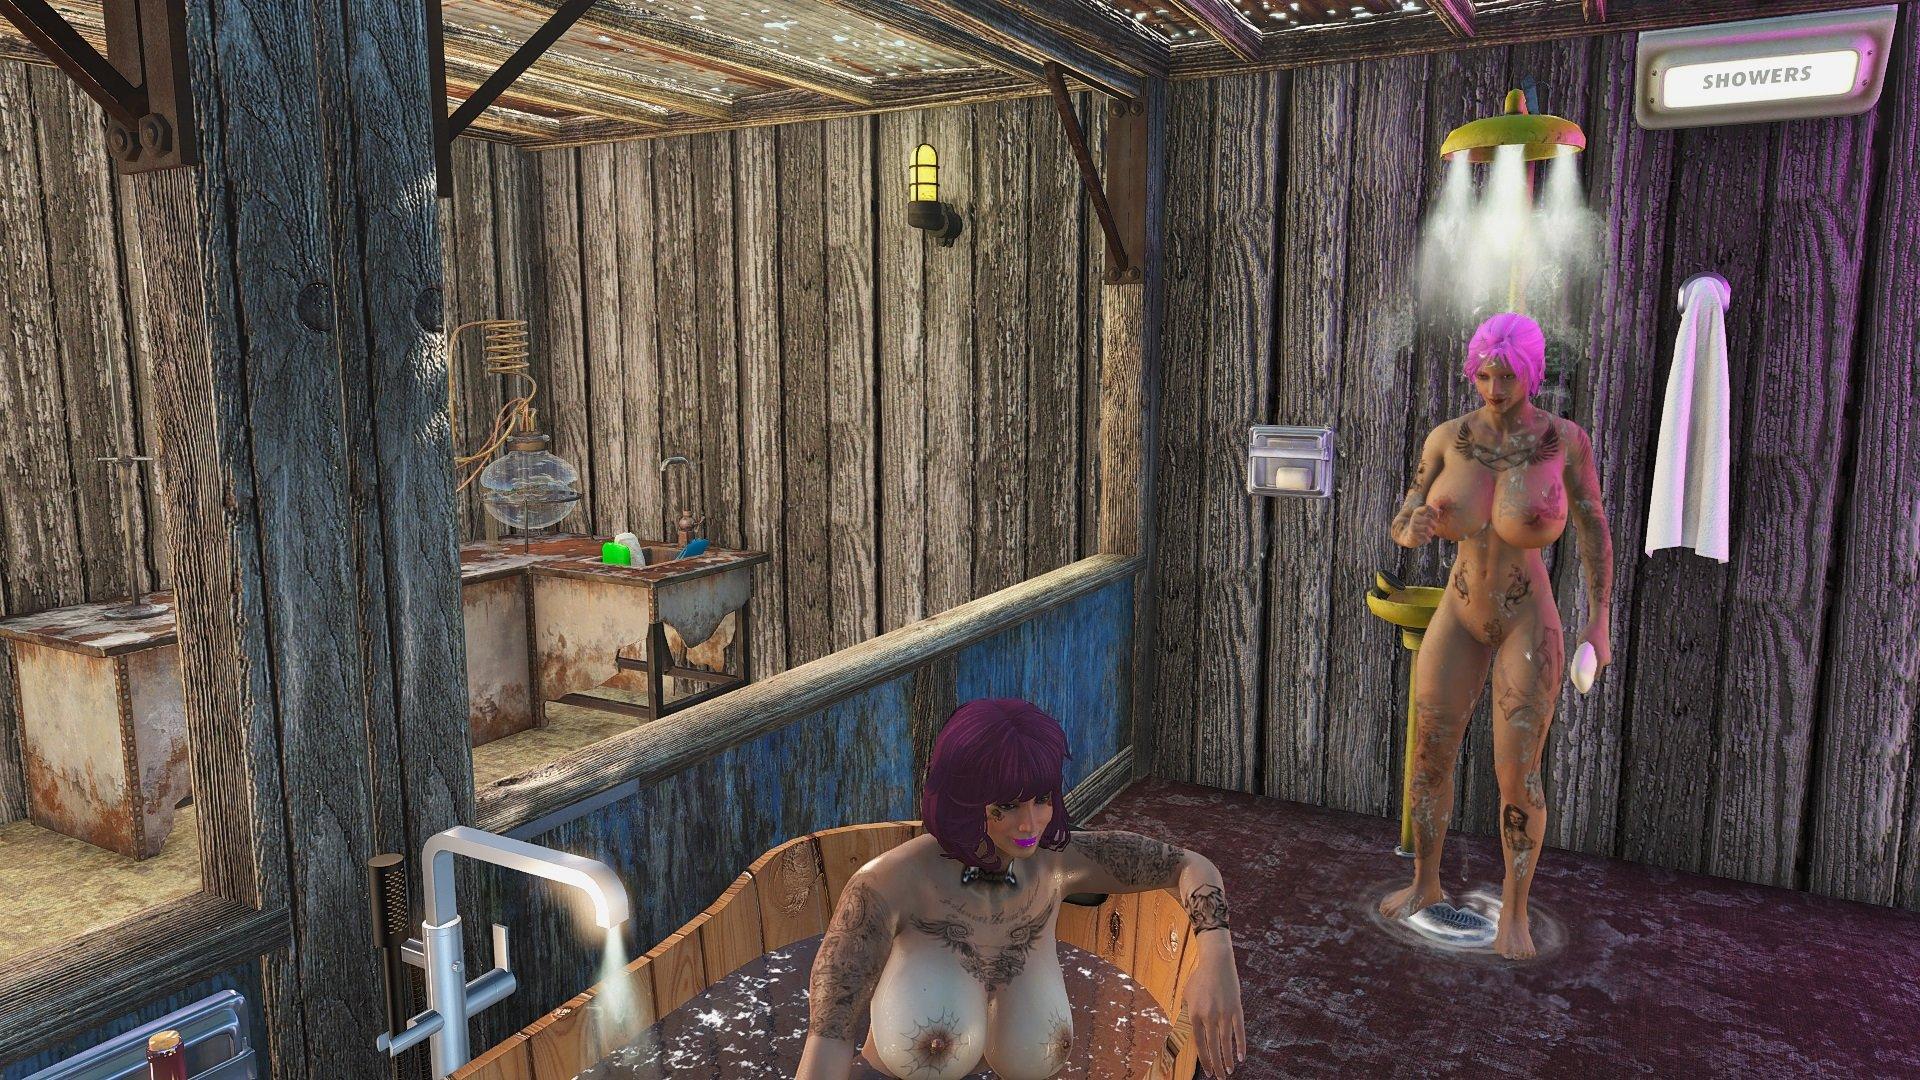 Айви под душем